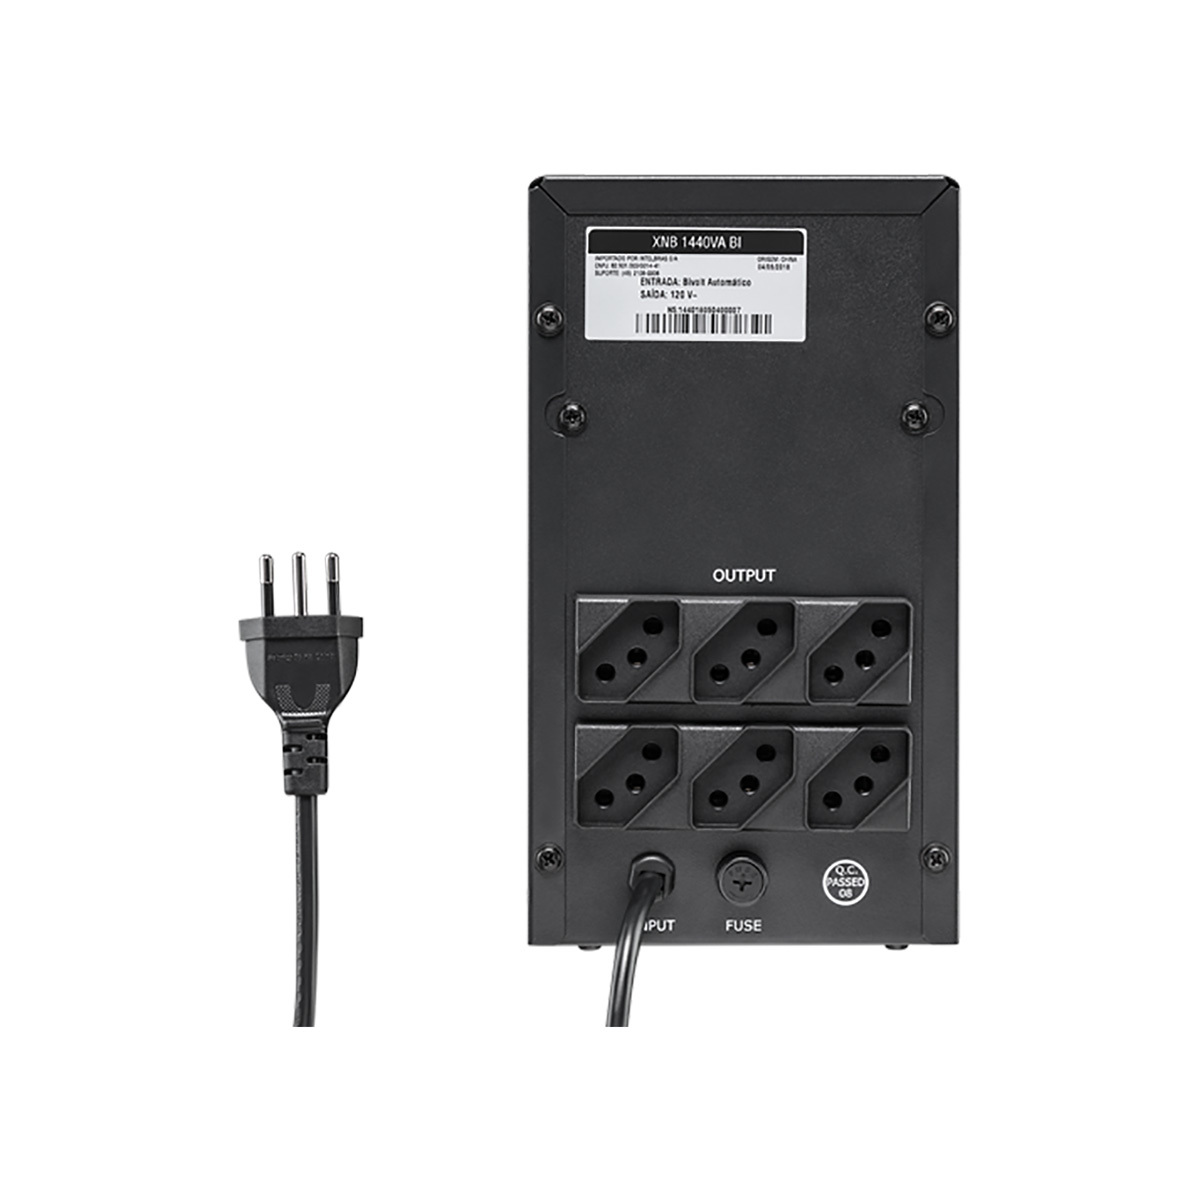 Nobreak Interativo Bivolt Intelbras XNB 1440Va Bi